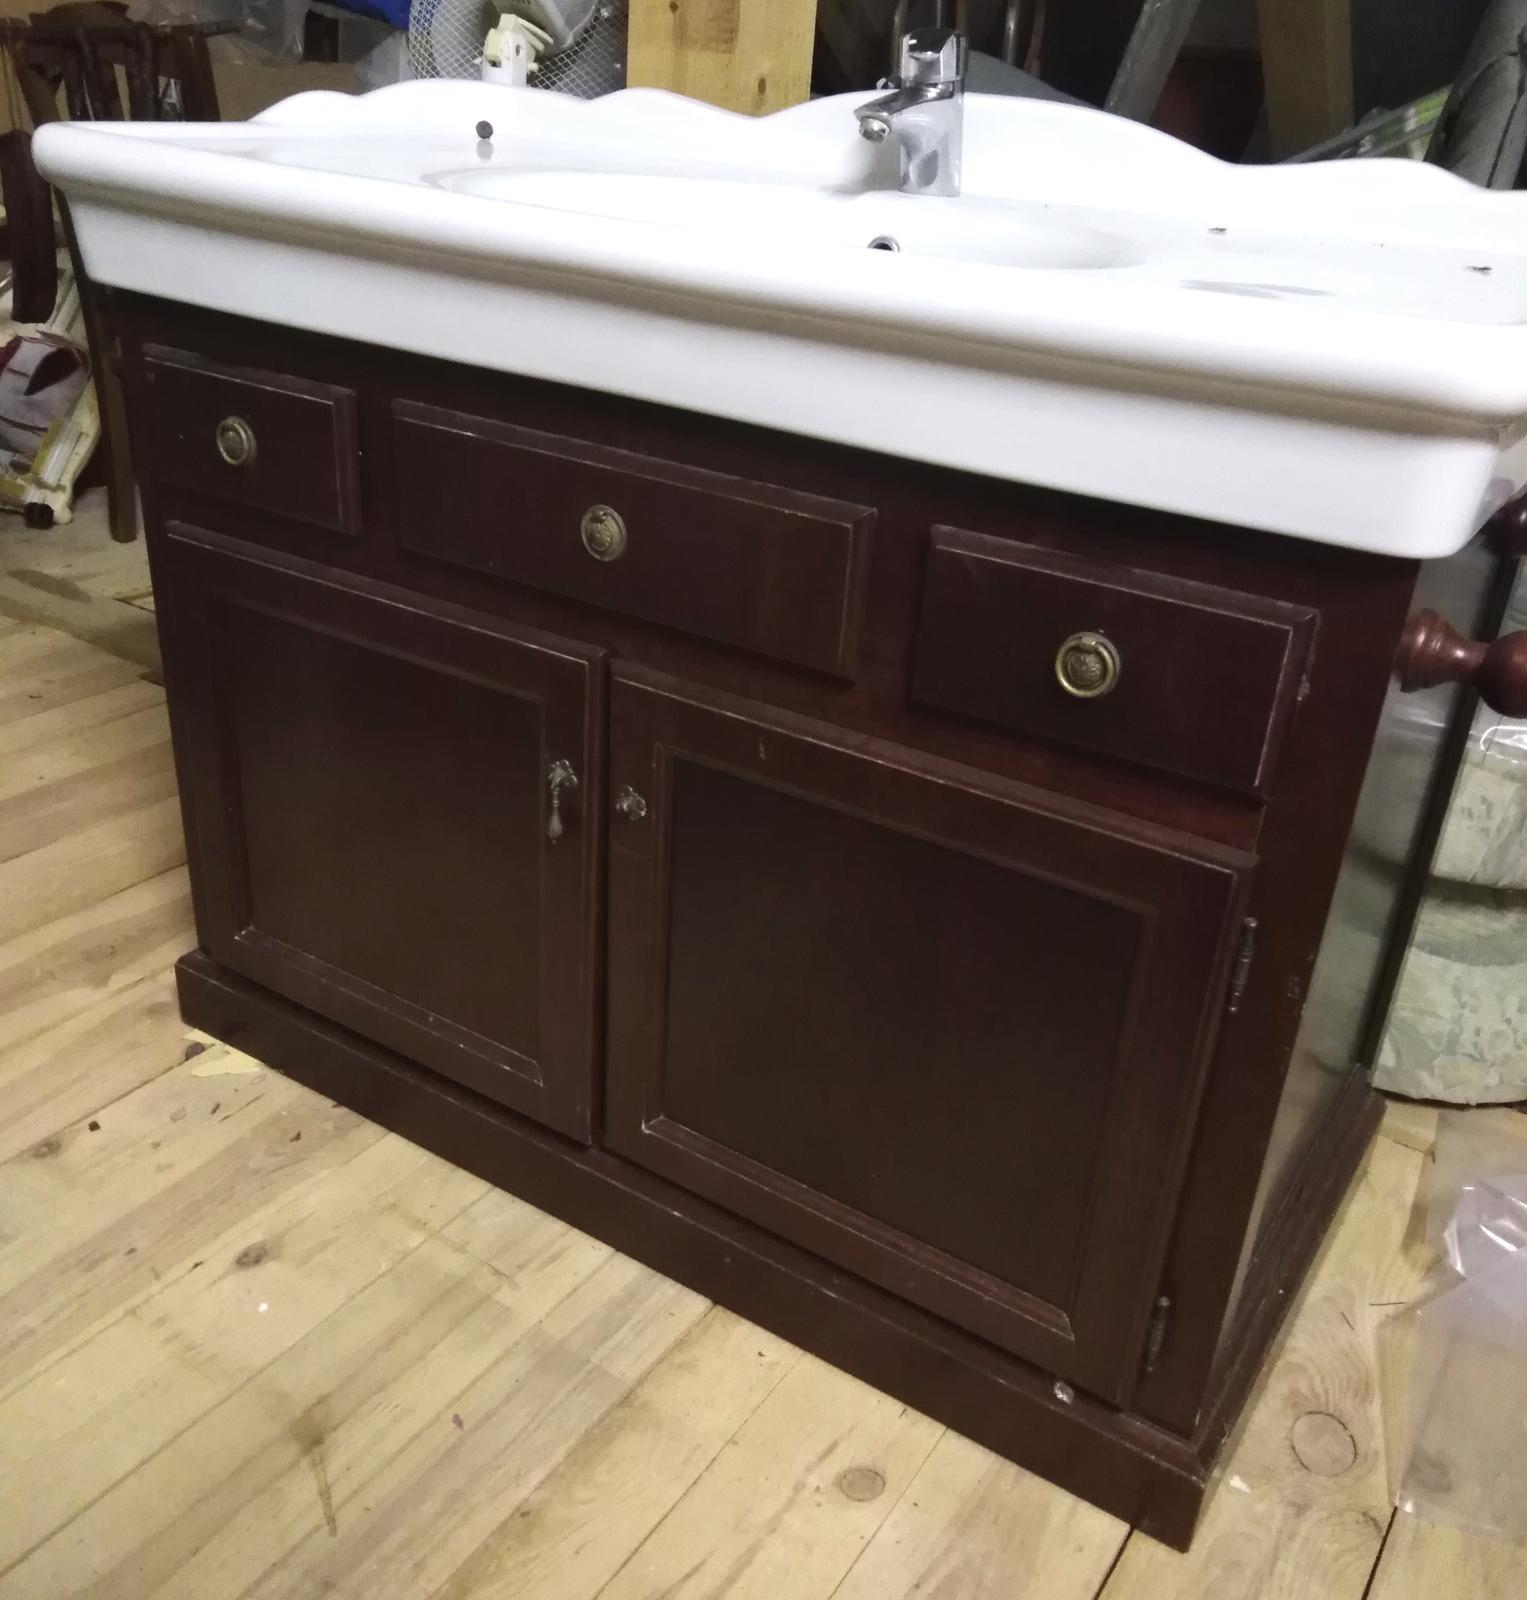 Skrinka s umývadlom - Obrázok č. 1